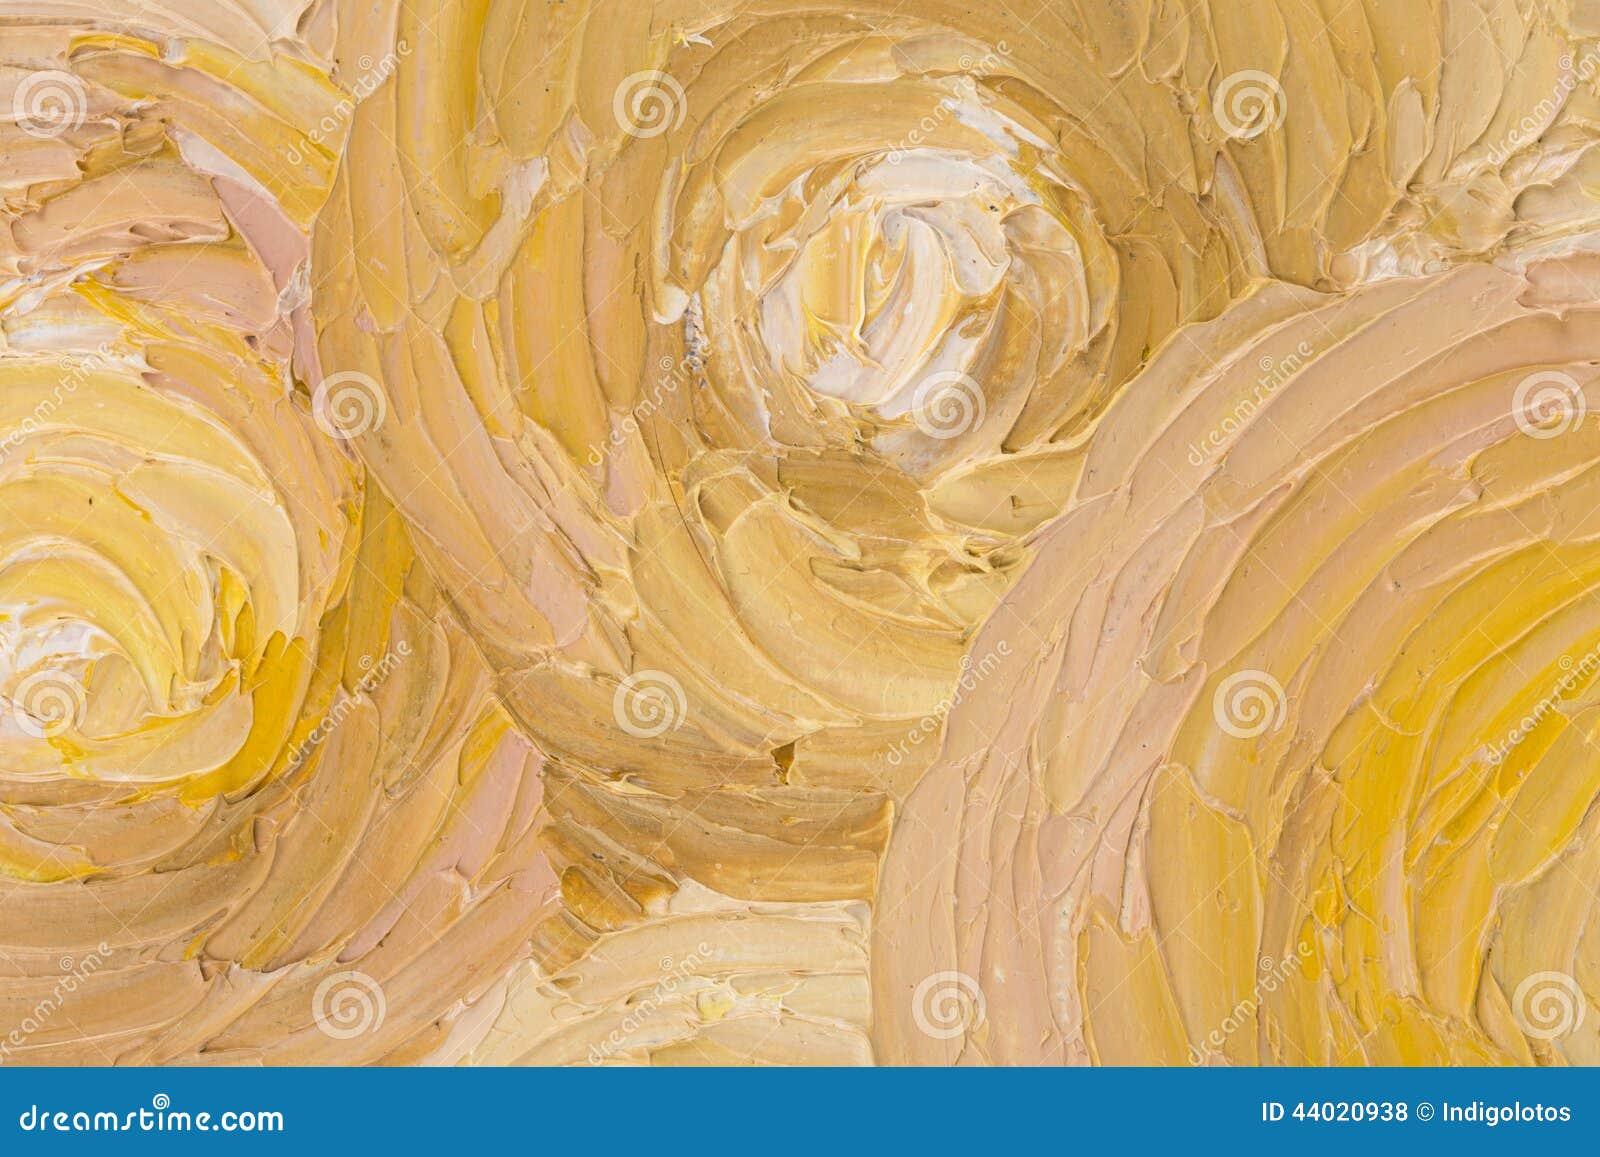 Feche acima da pintura a óleo abstrata bonita